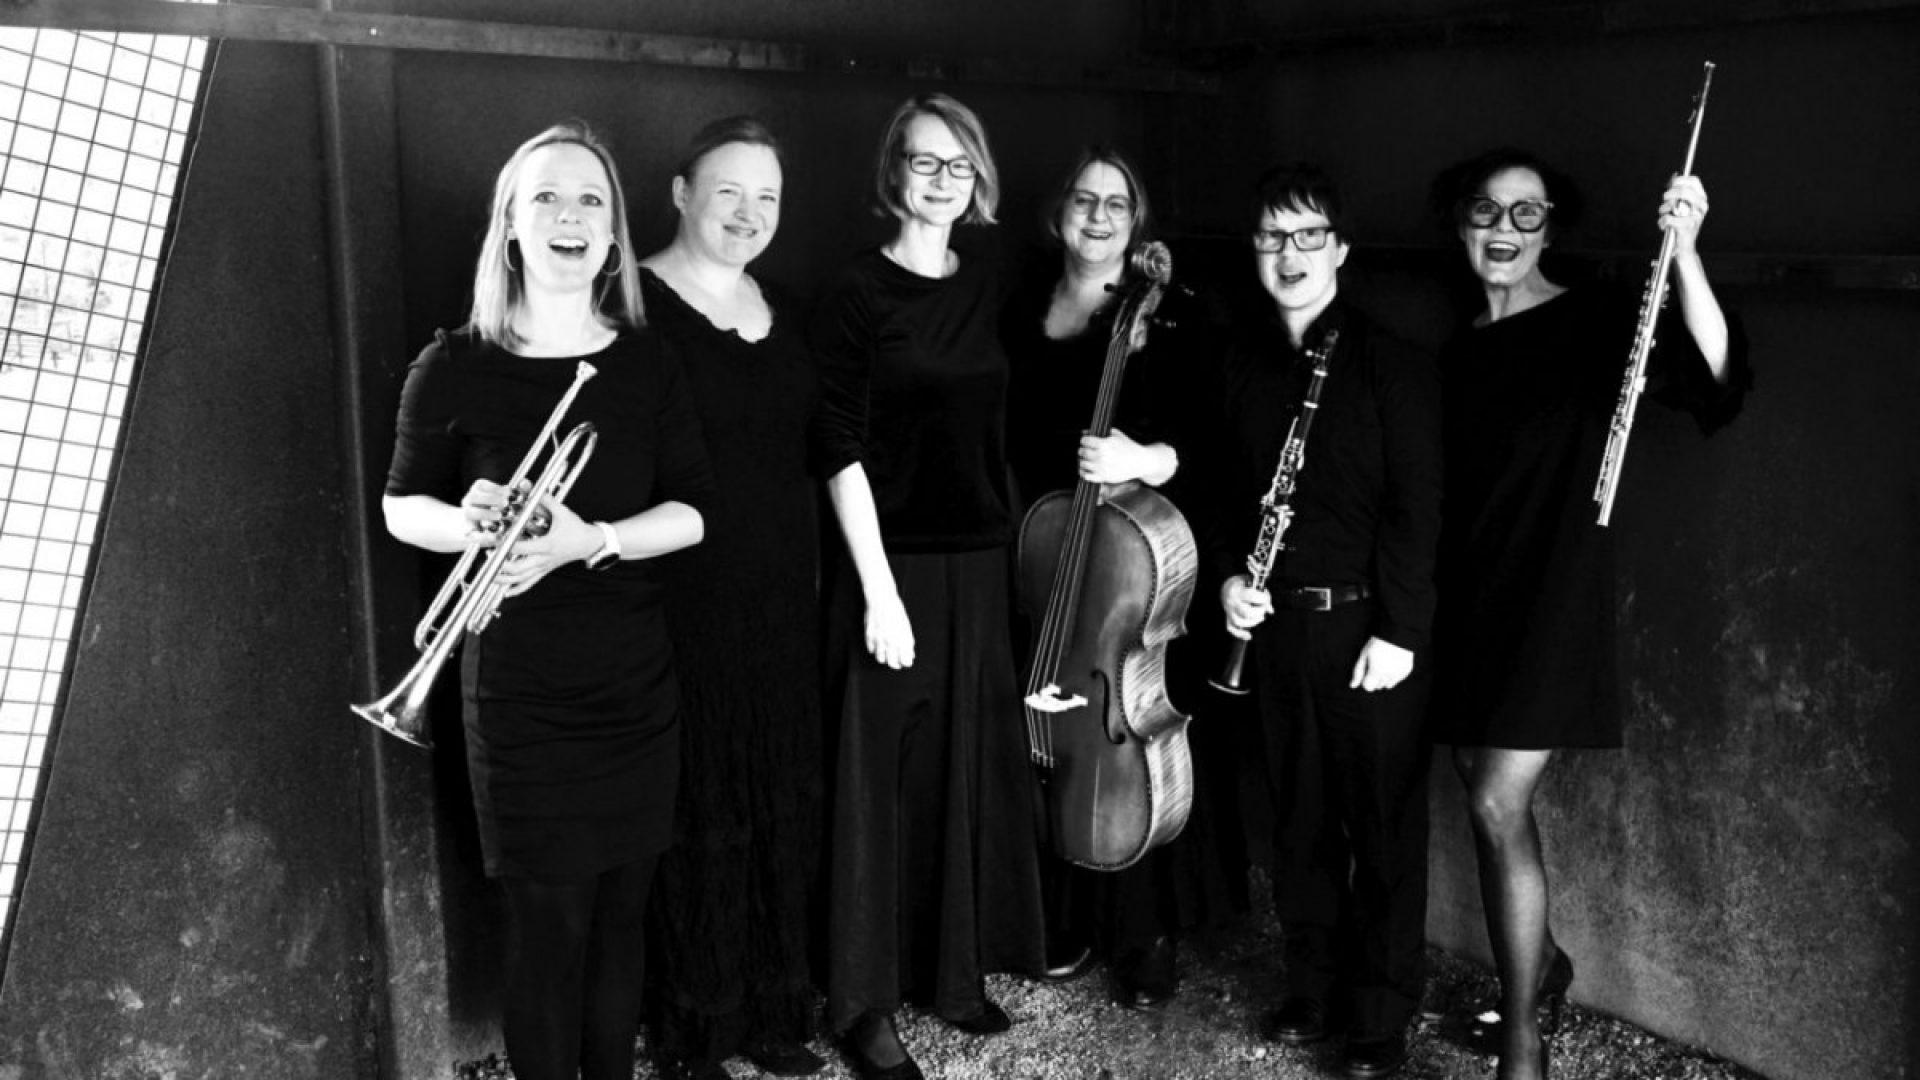 Medlemmene i Bravo Bravissimo, med instrumenter